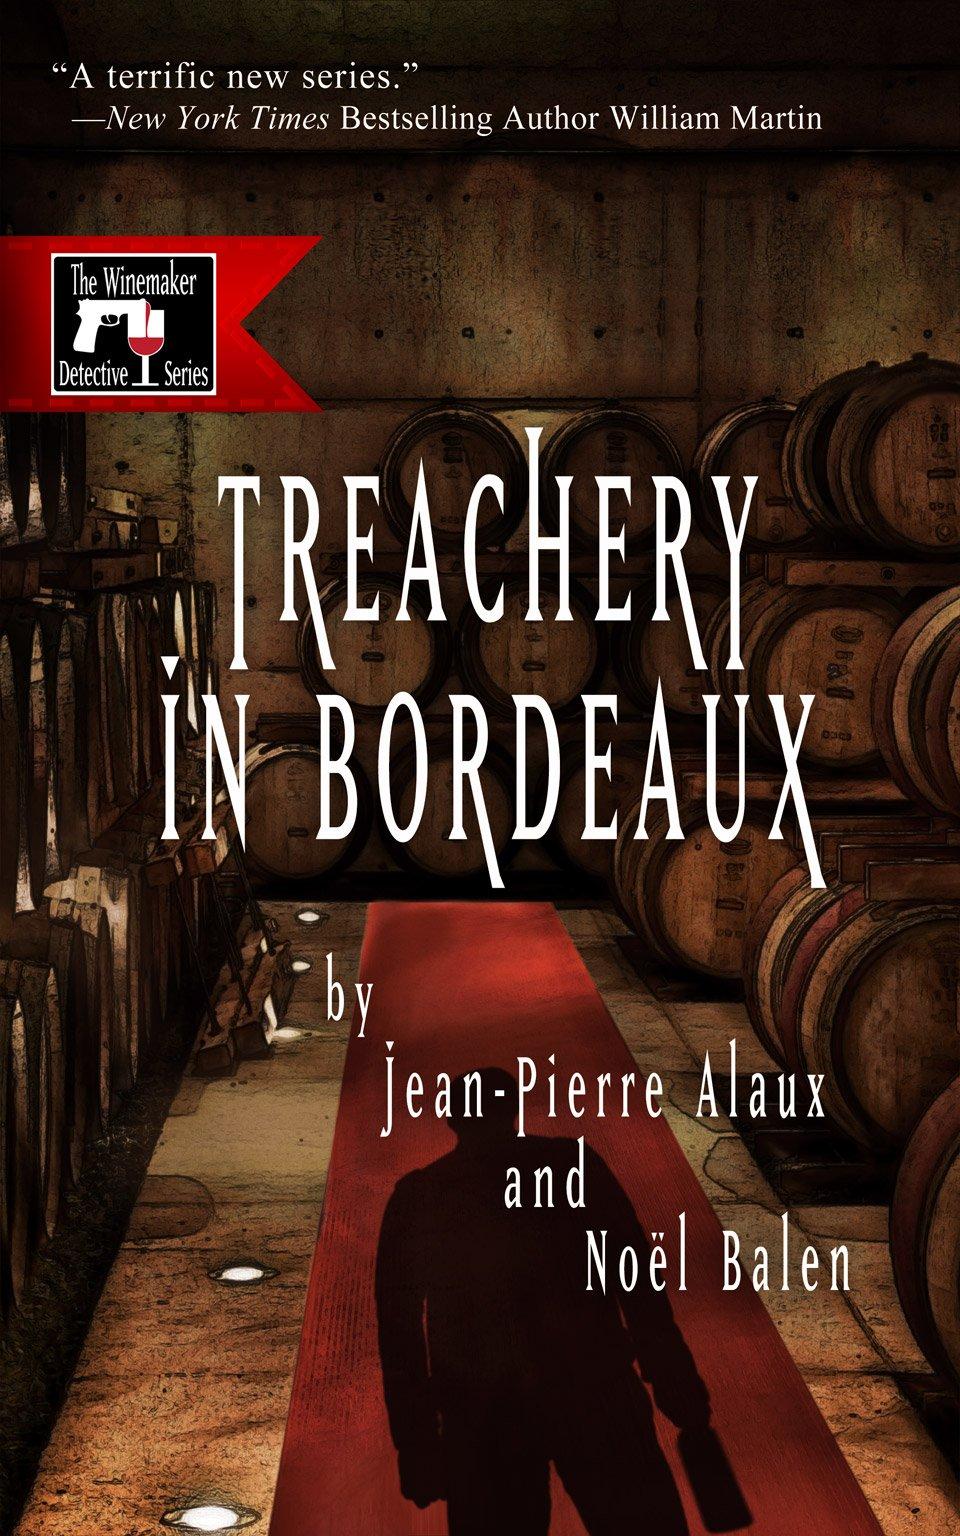 Treachery in Bordeau...